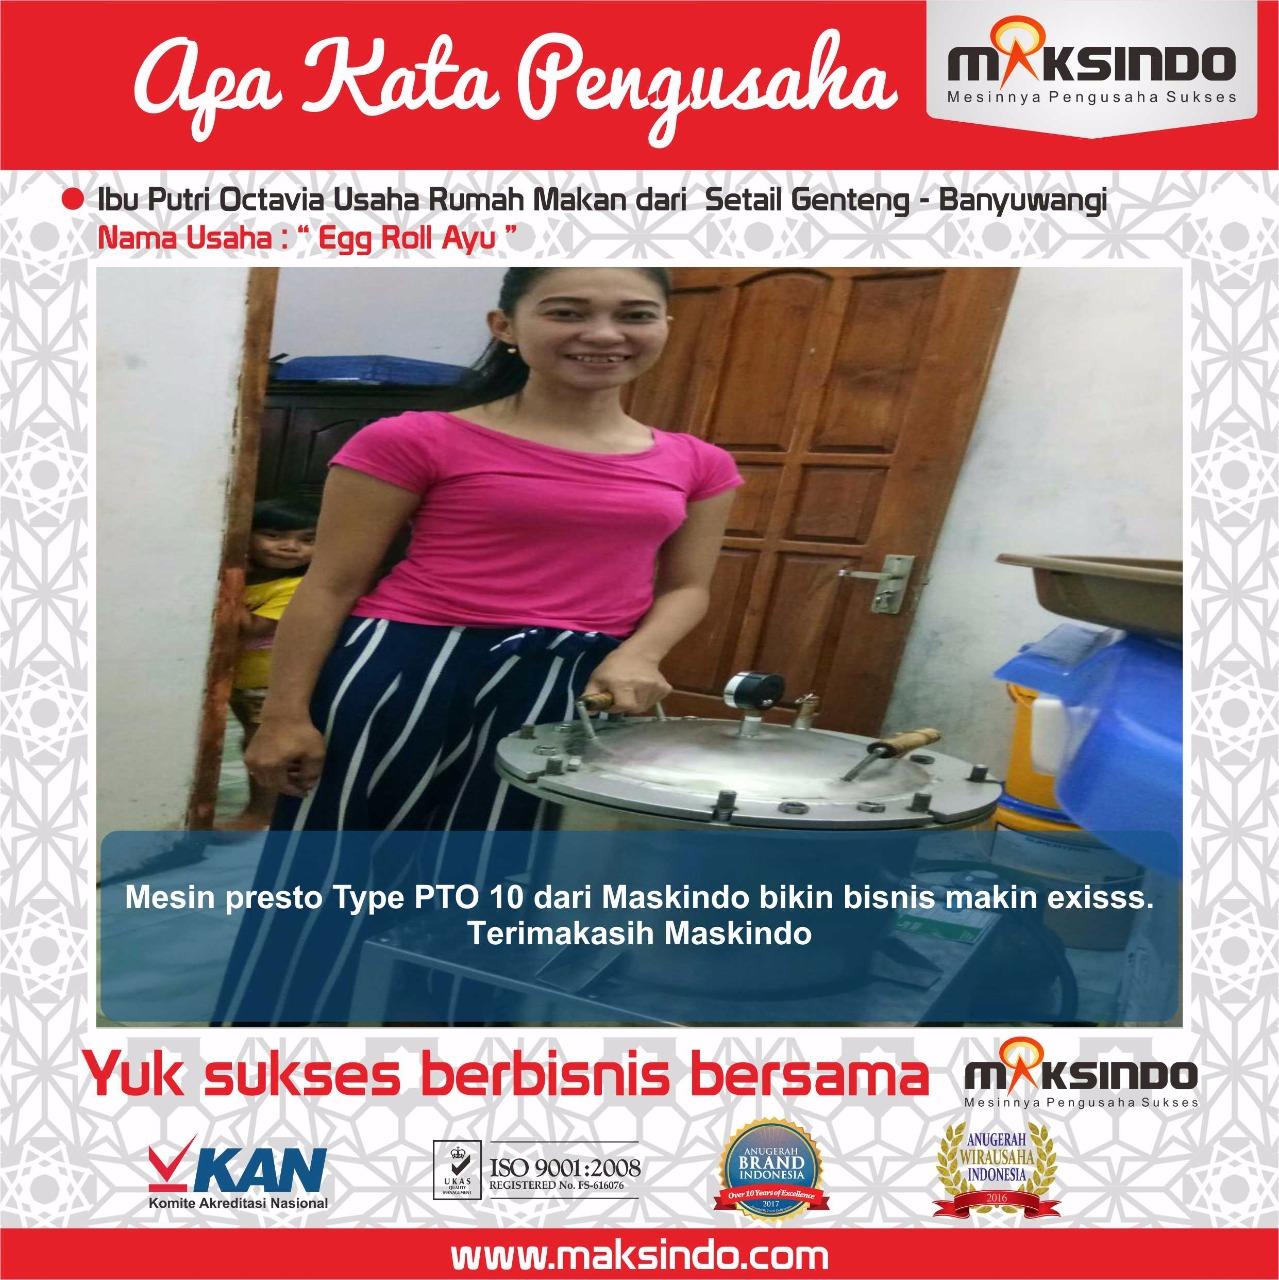 Jual Mesin Presto Stainless Steel Untuk Industri Di Bandung Toko Bandeng Box By Susenopresto